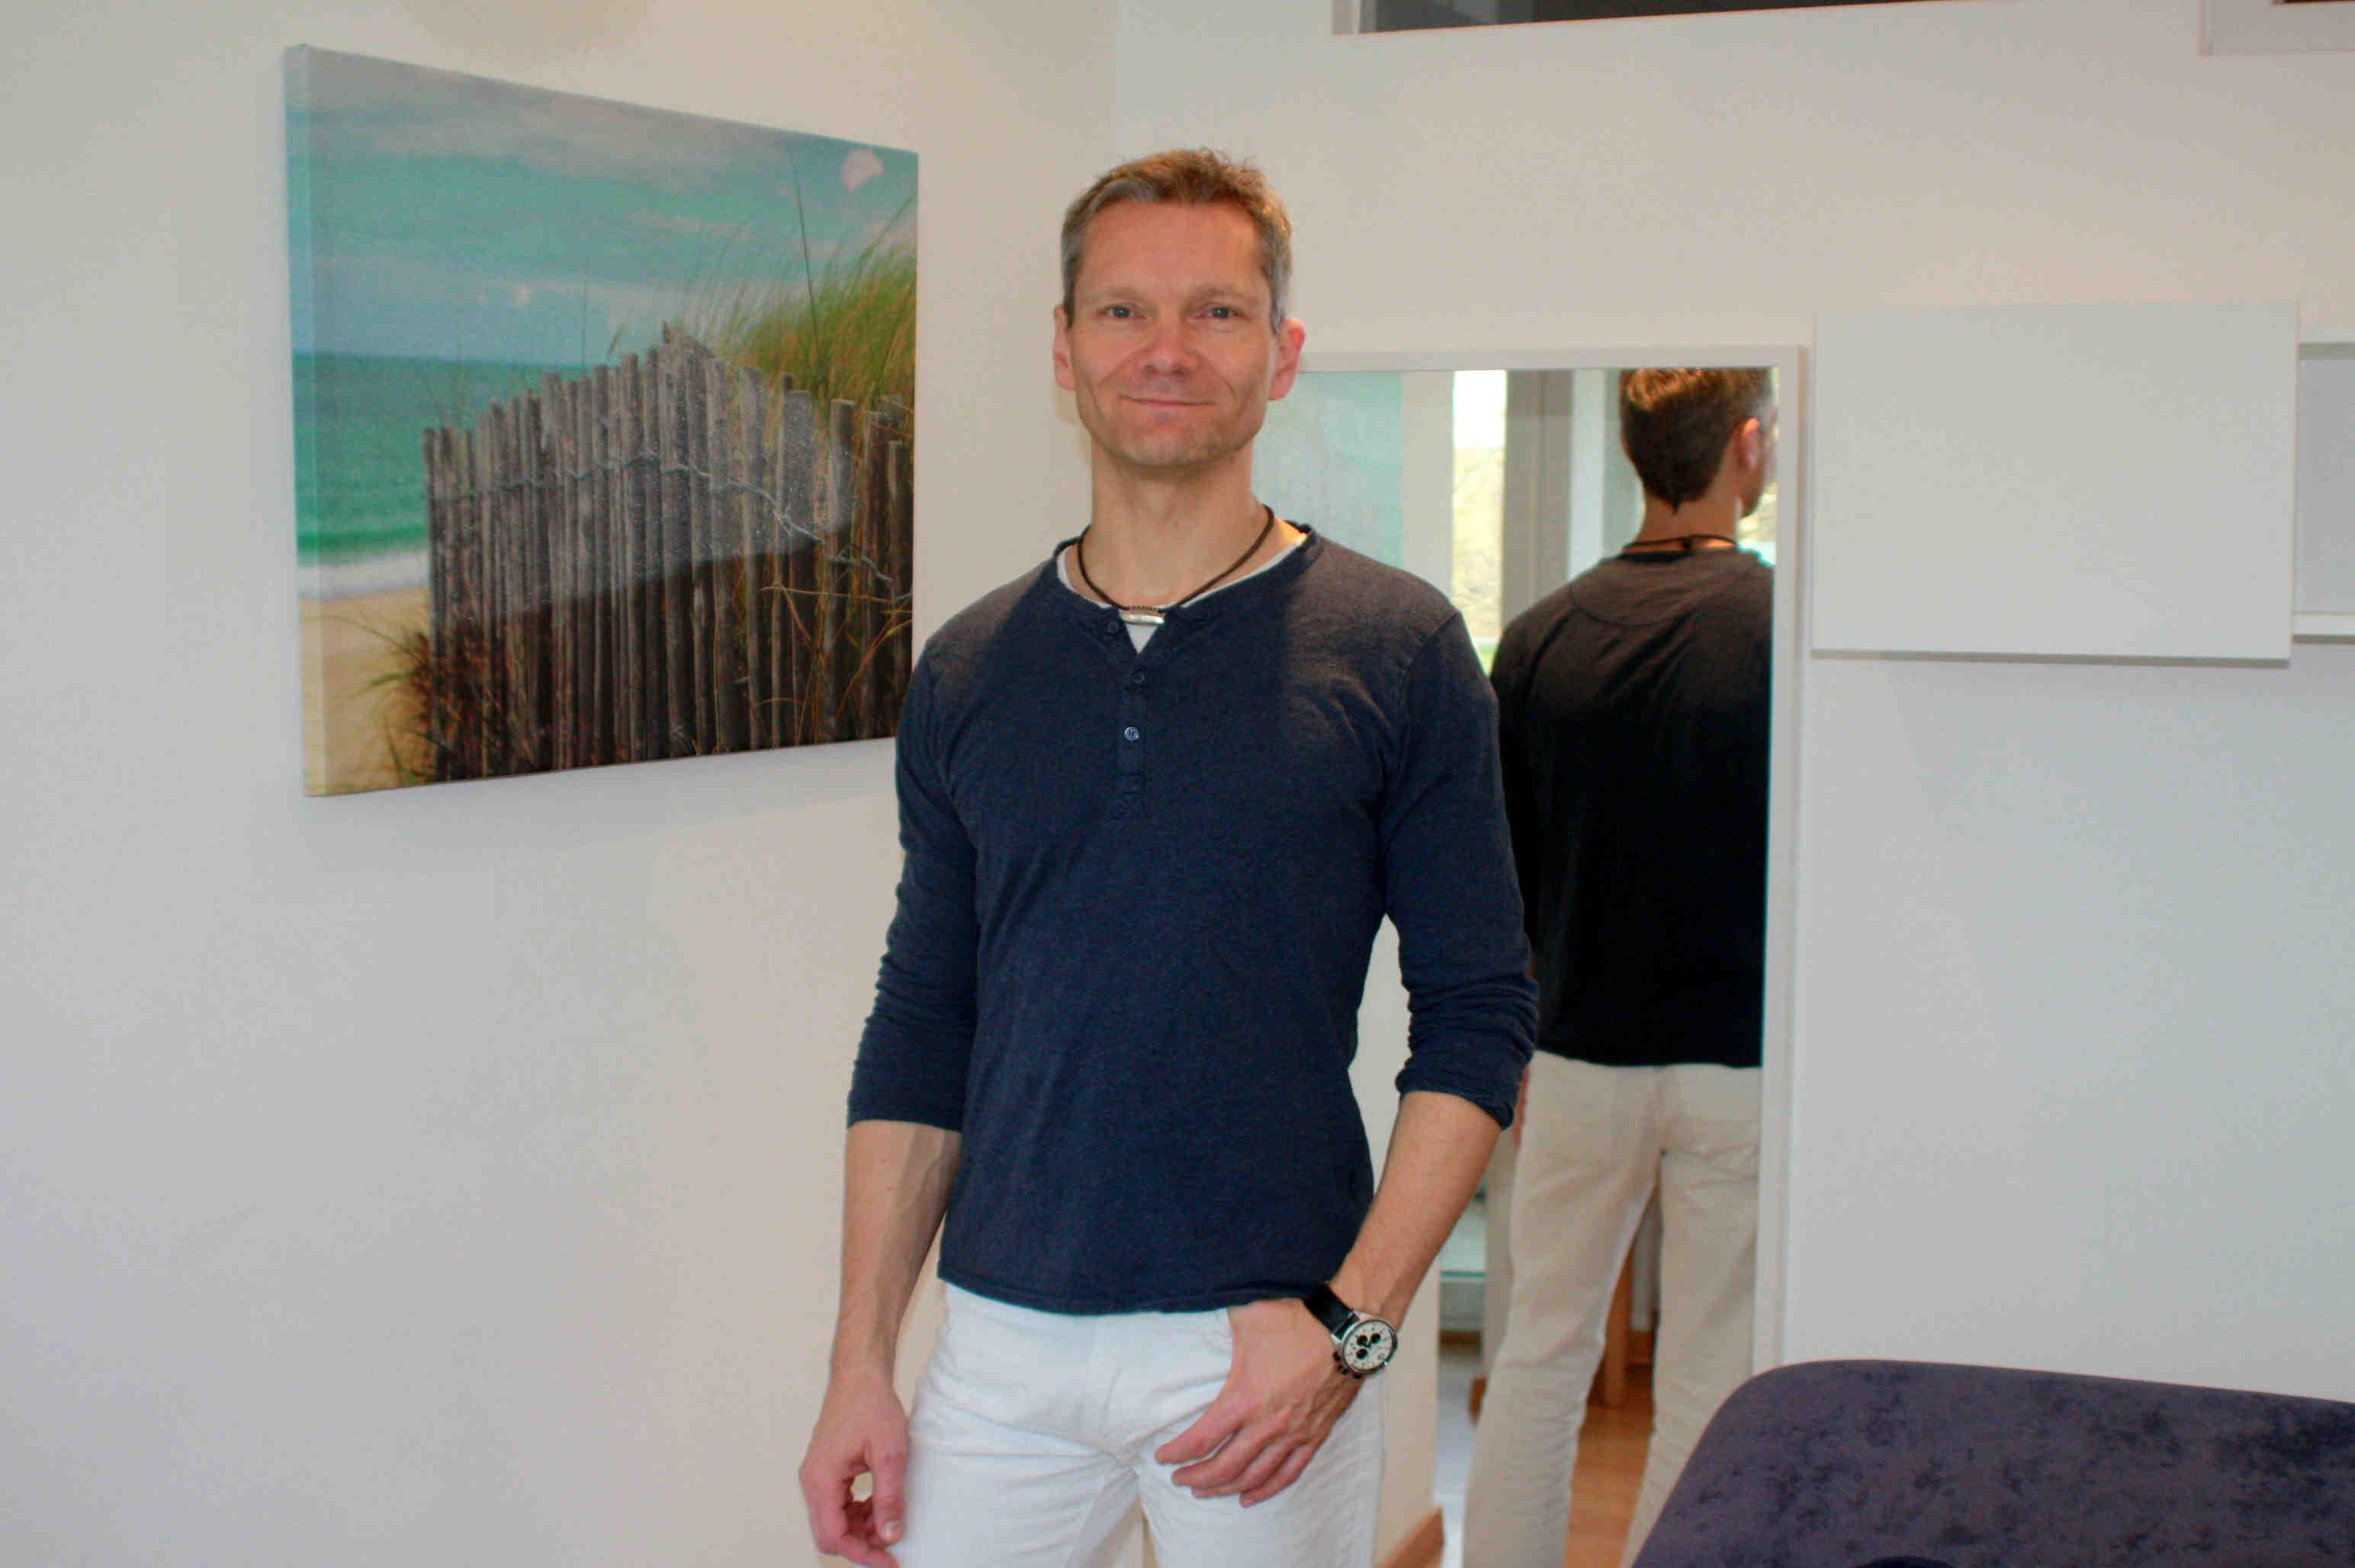 Matthias Piehl - Portrait im Behandlungsraum - Praxis in Köln